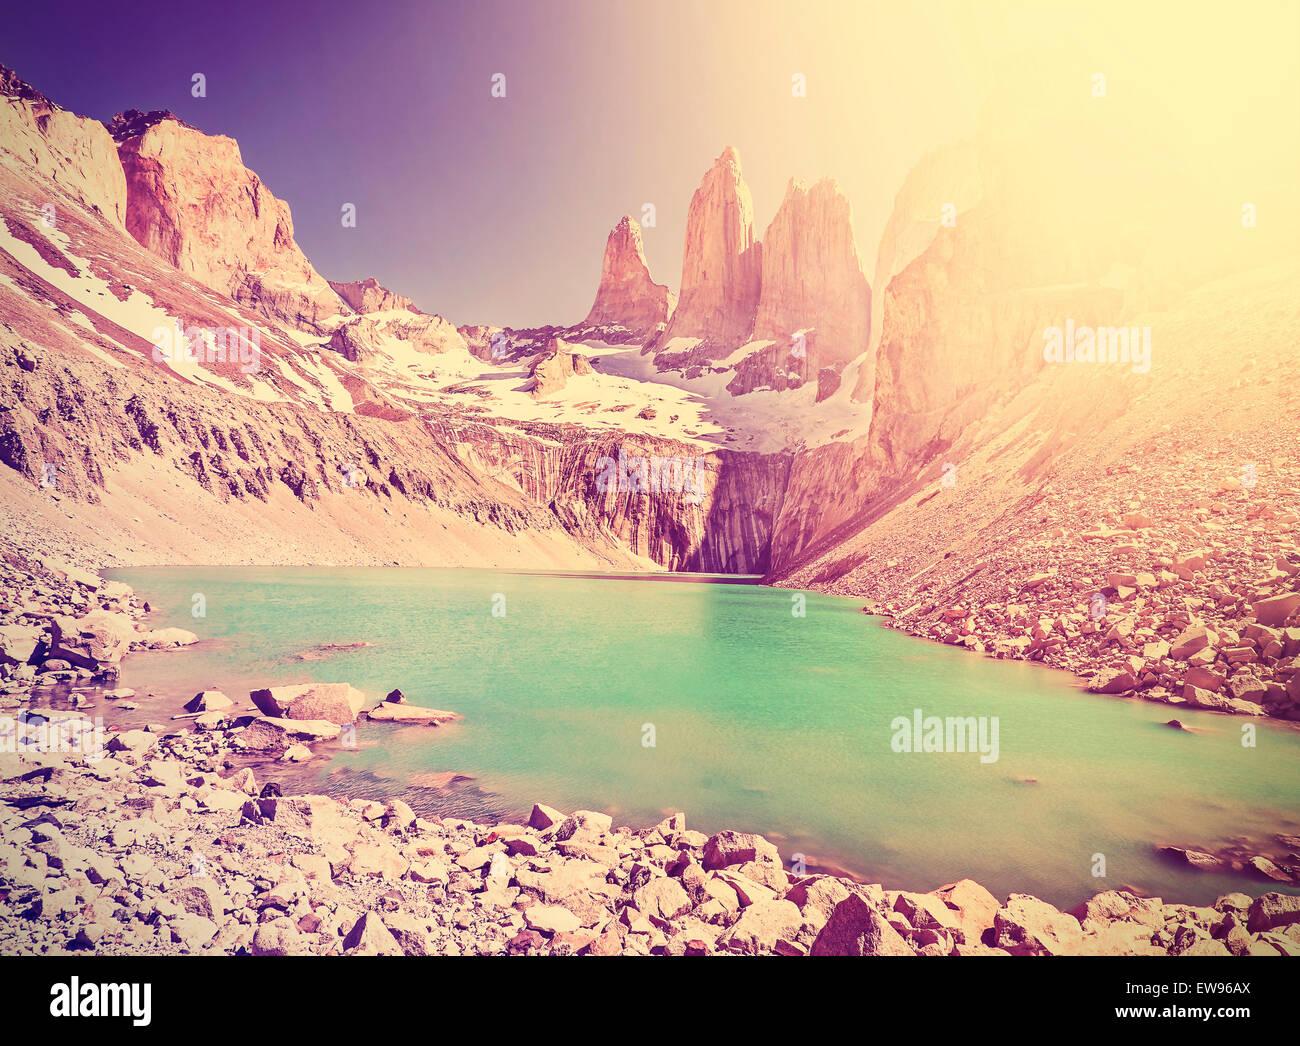 Montagnes aux tons Vintage instagram, Parc National Torres del Paine, en Patagonie, au Chili. Photo Stock